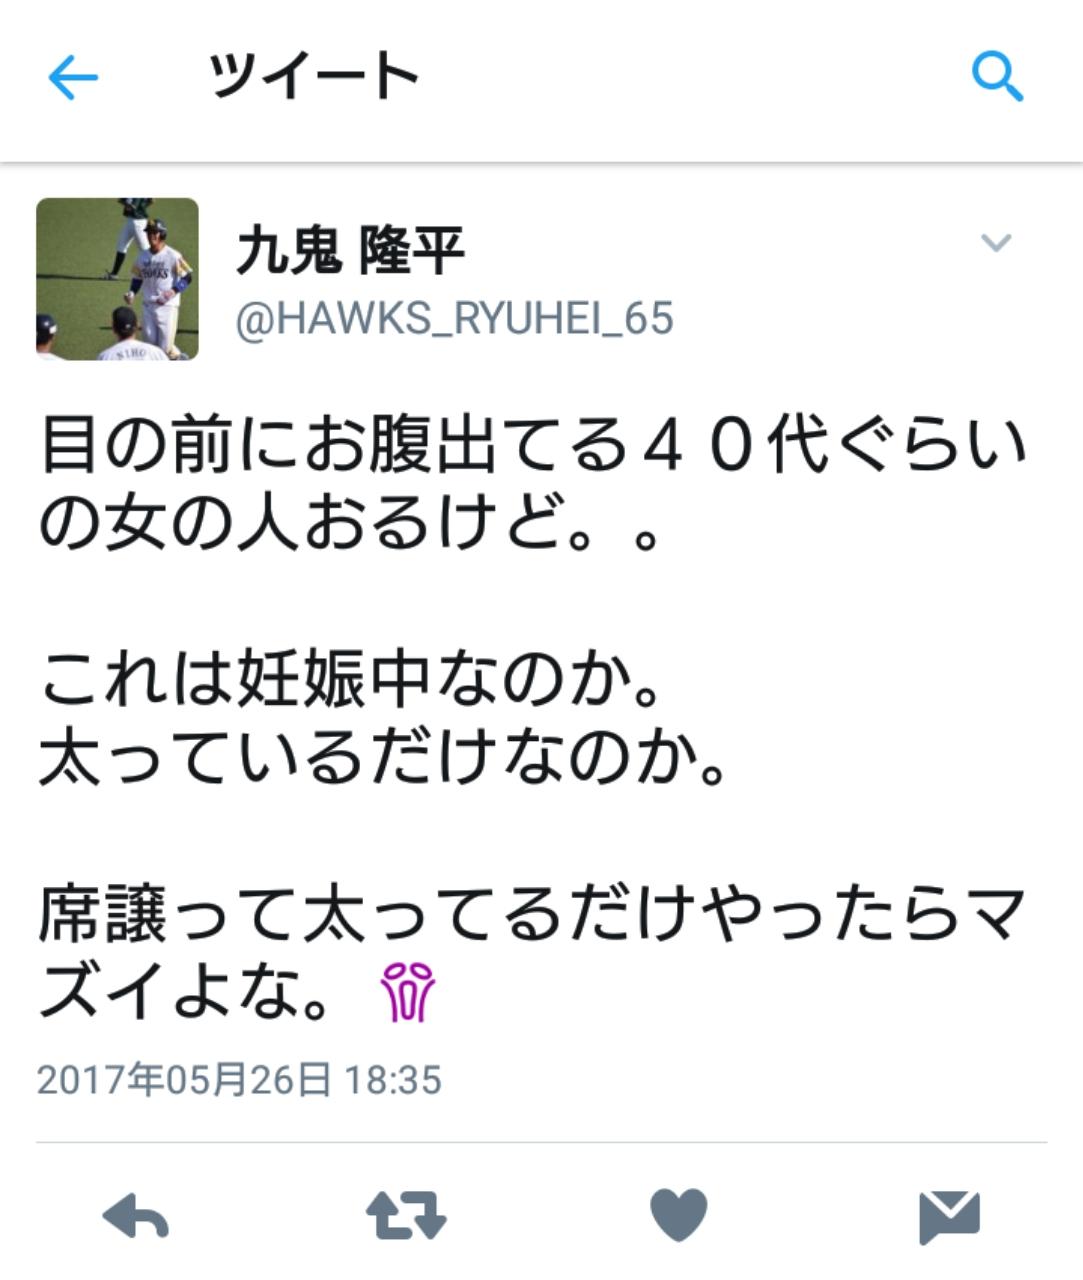 【悲報】九鬼隆平さん、やらかす